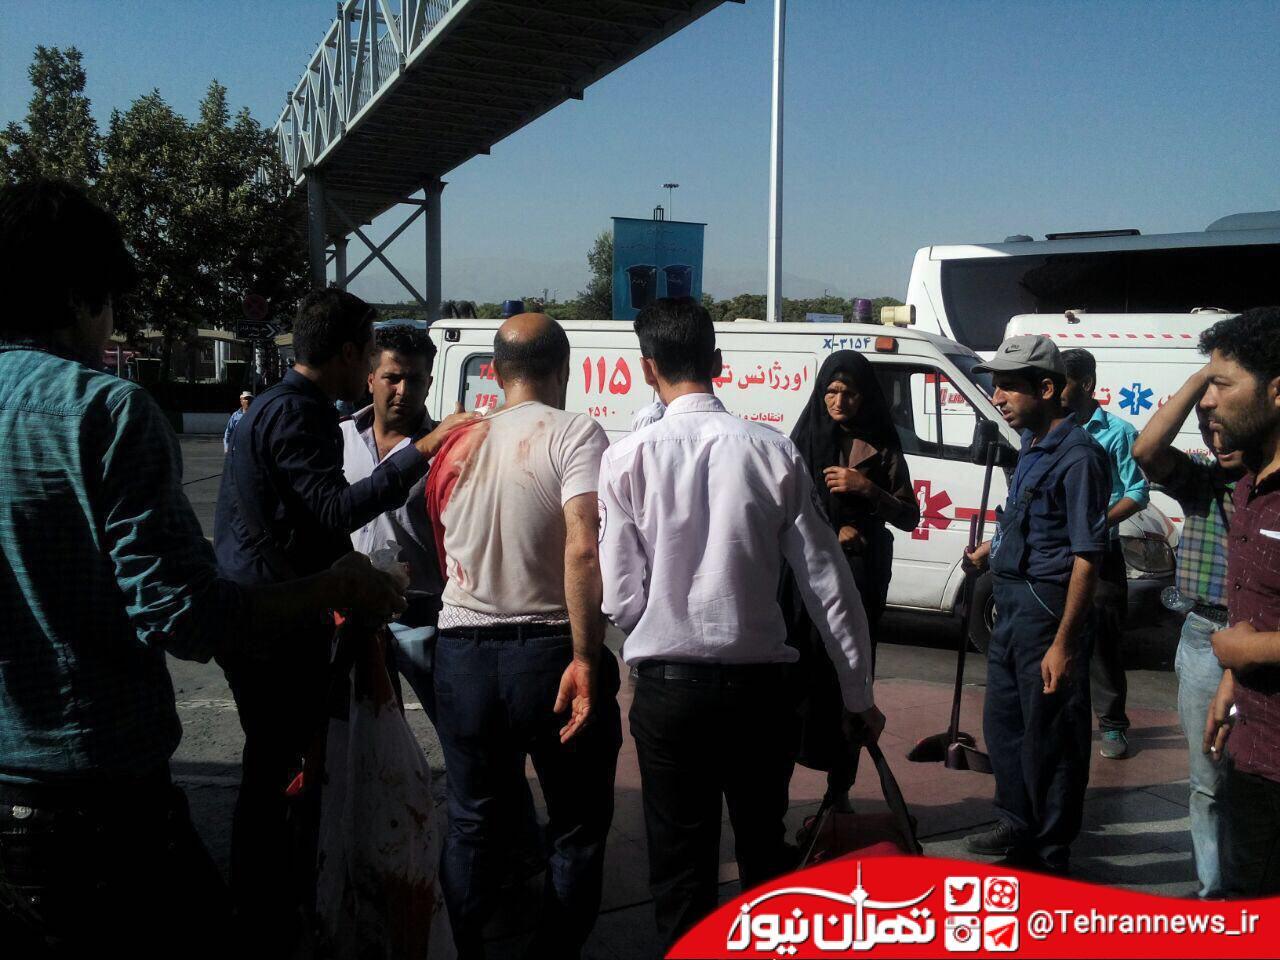 چاقوکشی در ترمینال جنوب تهران + عکس